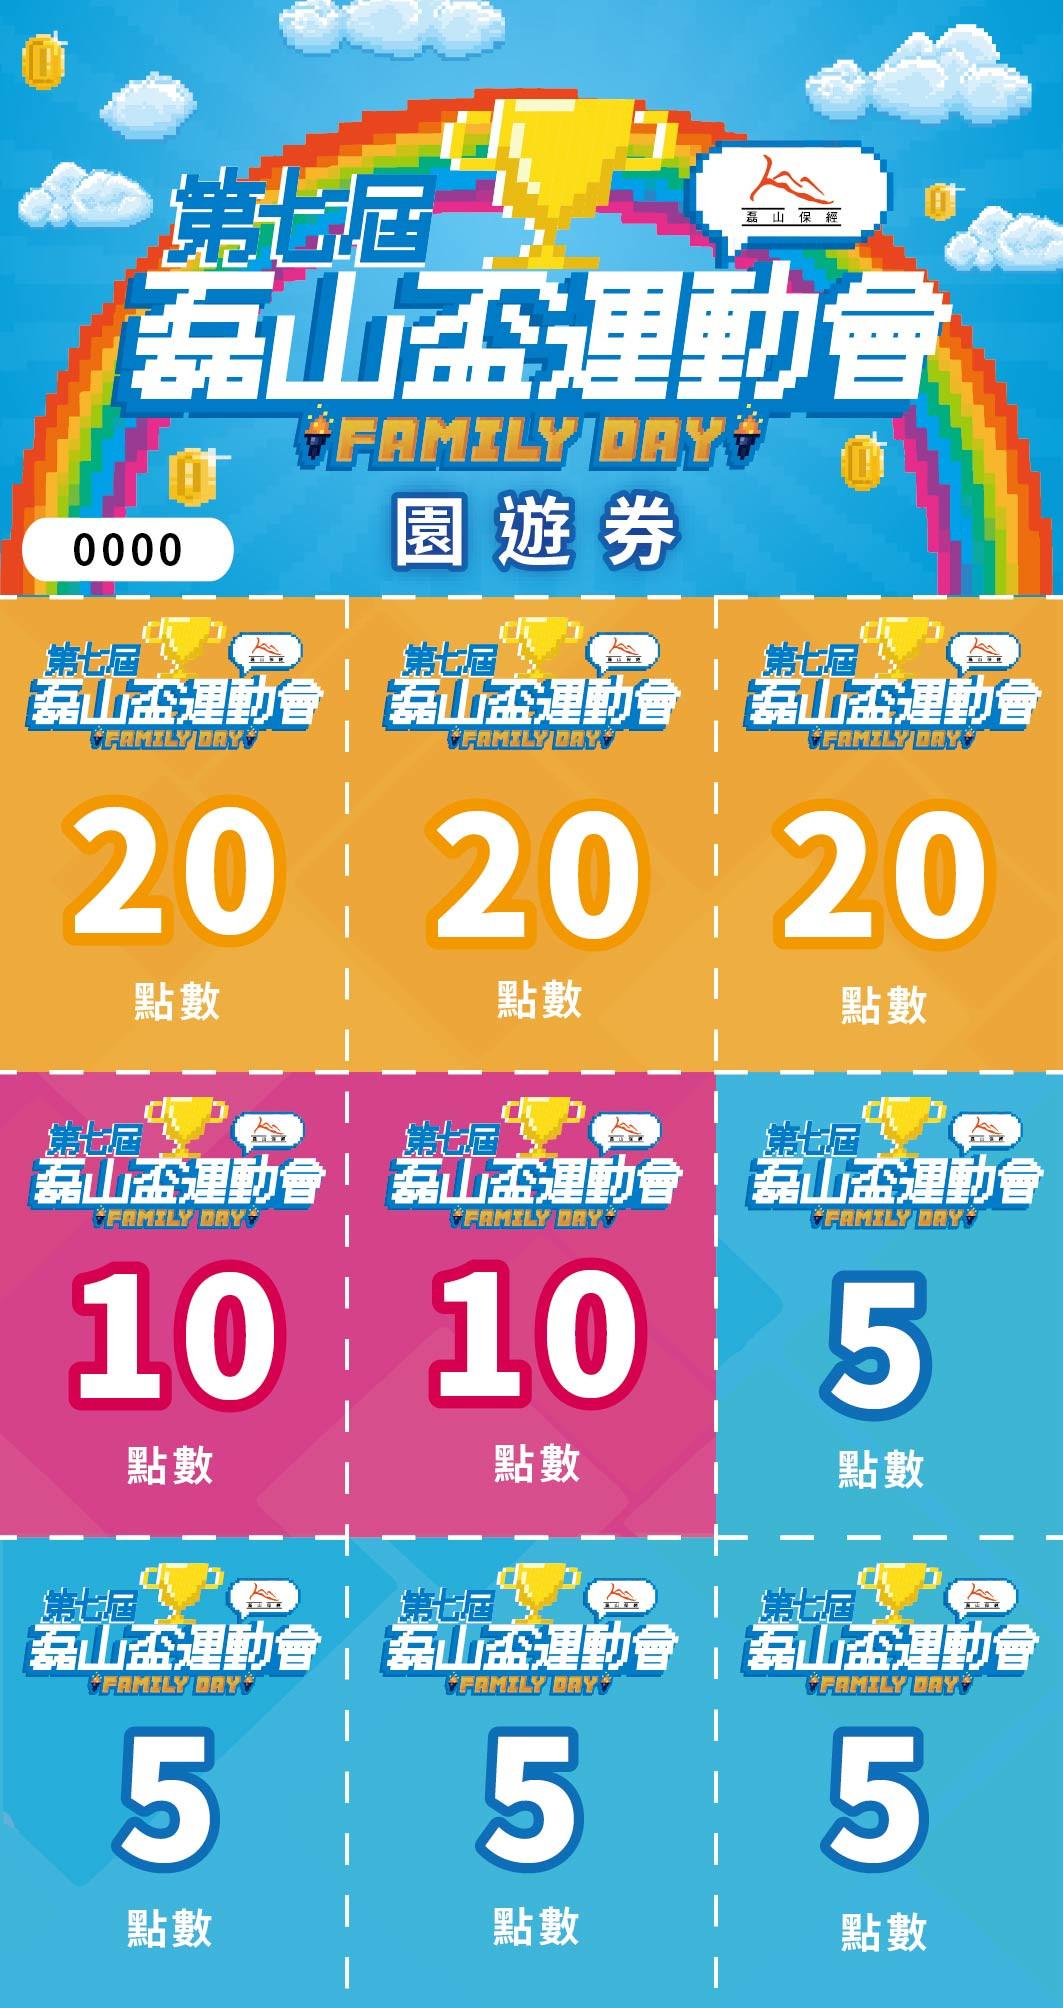 2020磊山運動會-園遊券-1.jpg